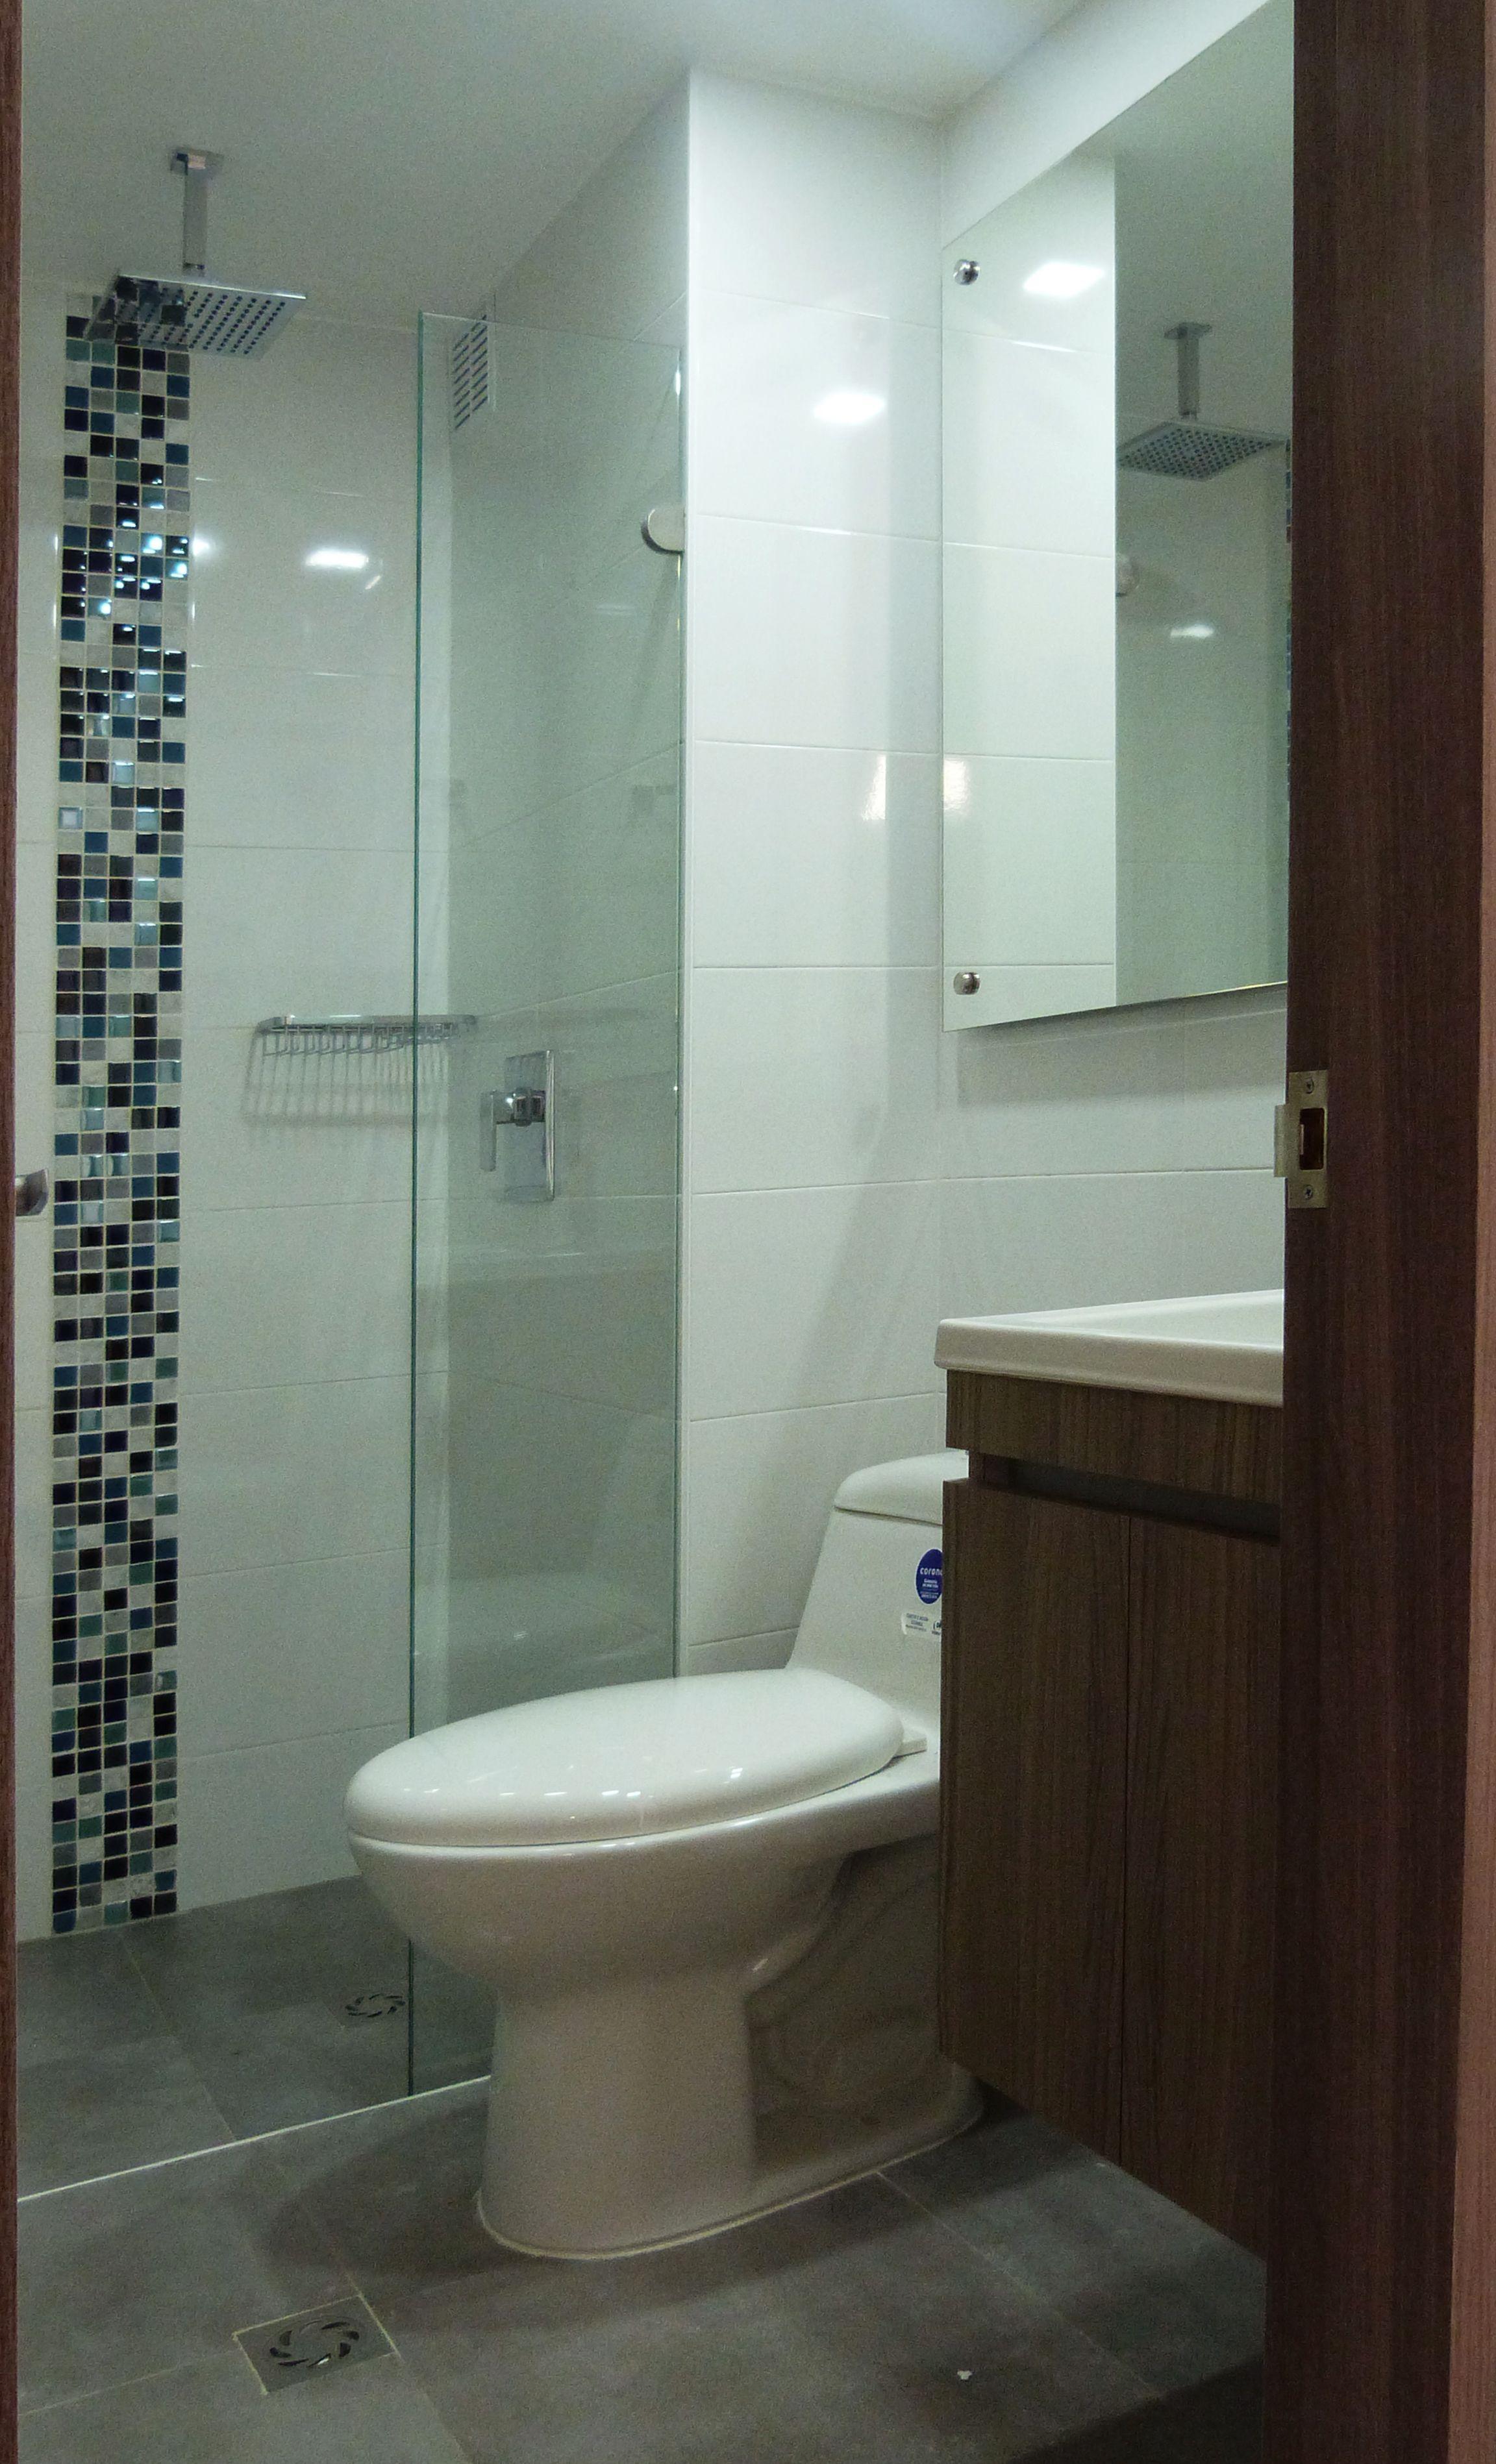 Vpshareyourstyle Daniel From London Uses Neutral Colours: Renovación Baño, Mosaico Azul En Vidrio